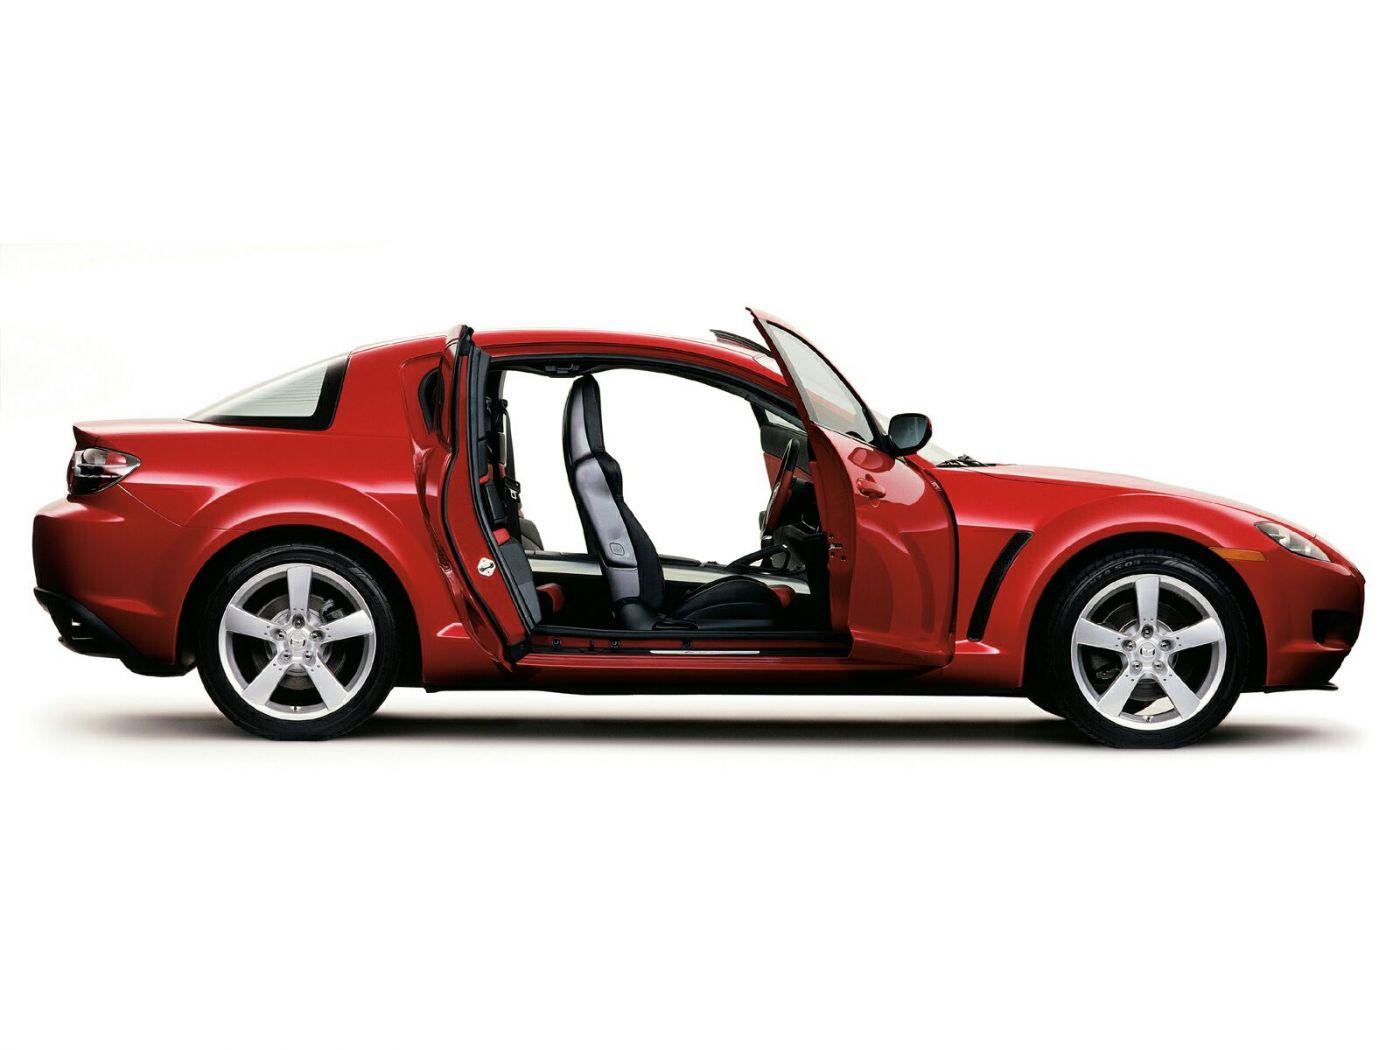 Mazda Rx8 Side View Doors Open Wallpaper 1400x1050